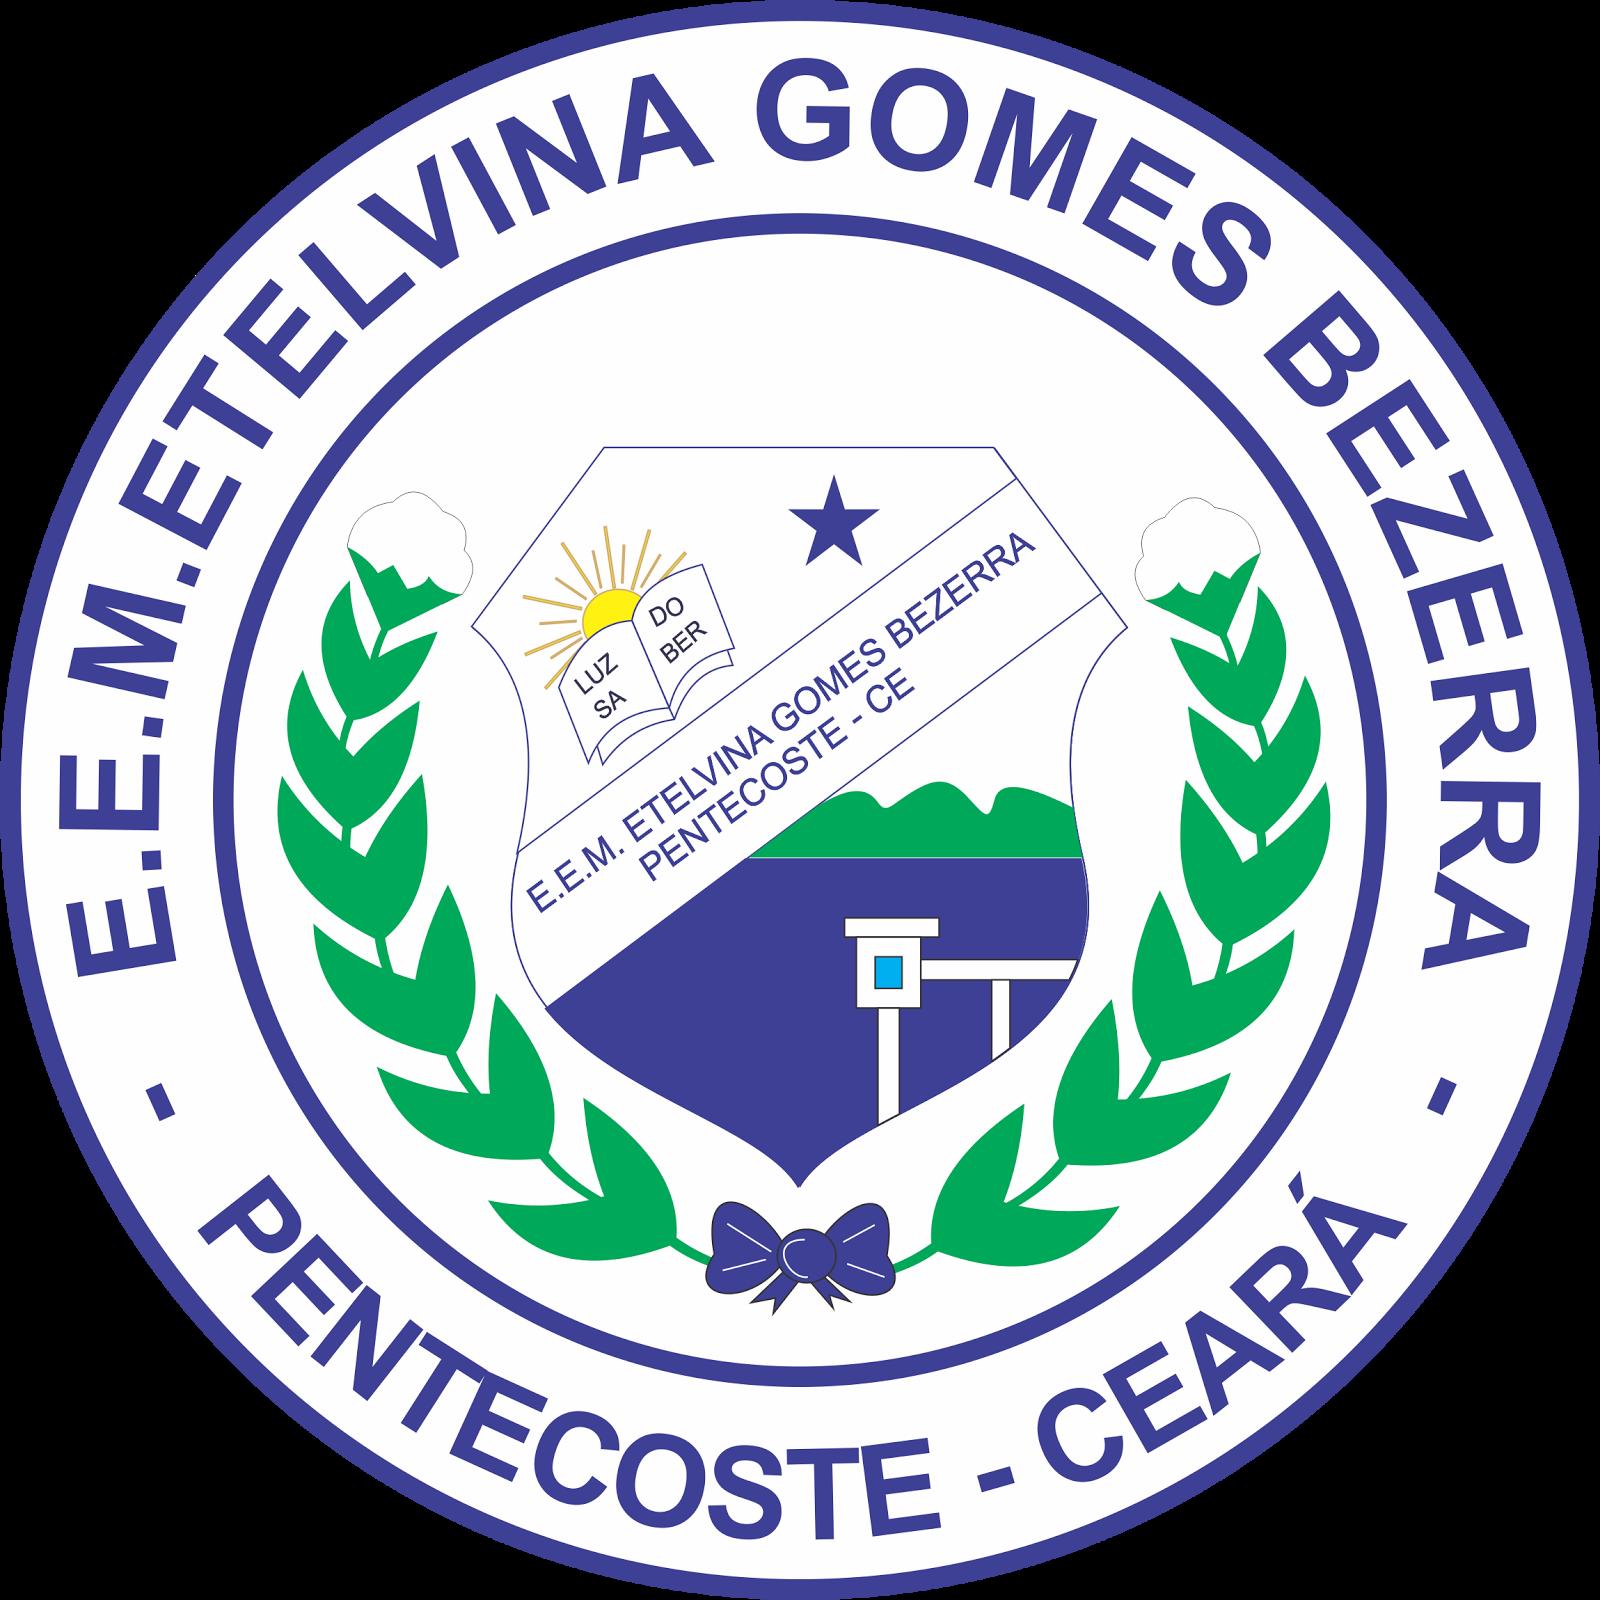 Logotipo da Escola Etelvina Gomes Bezerra